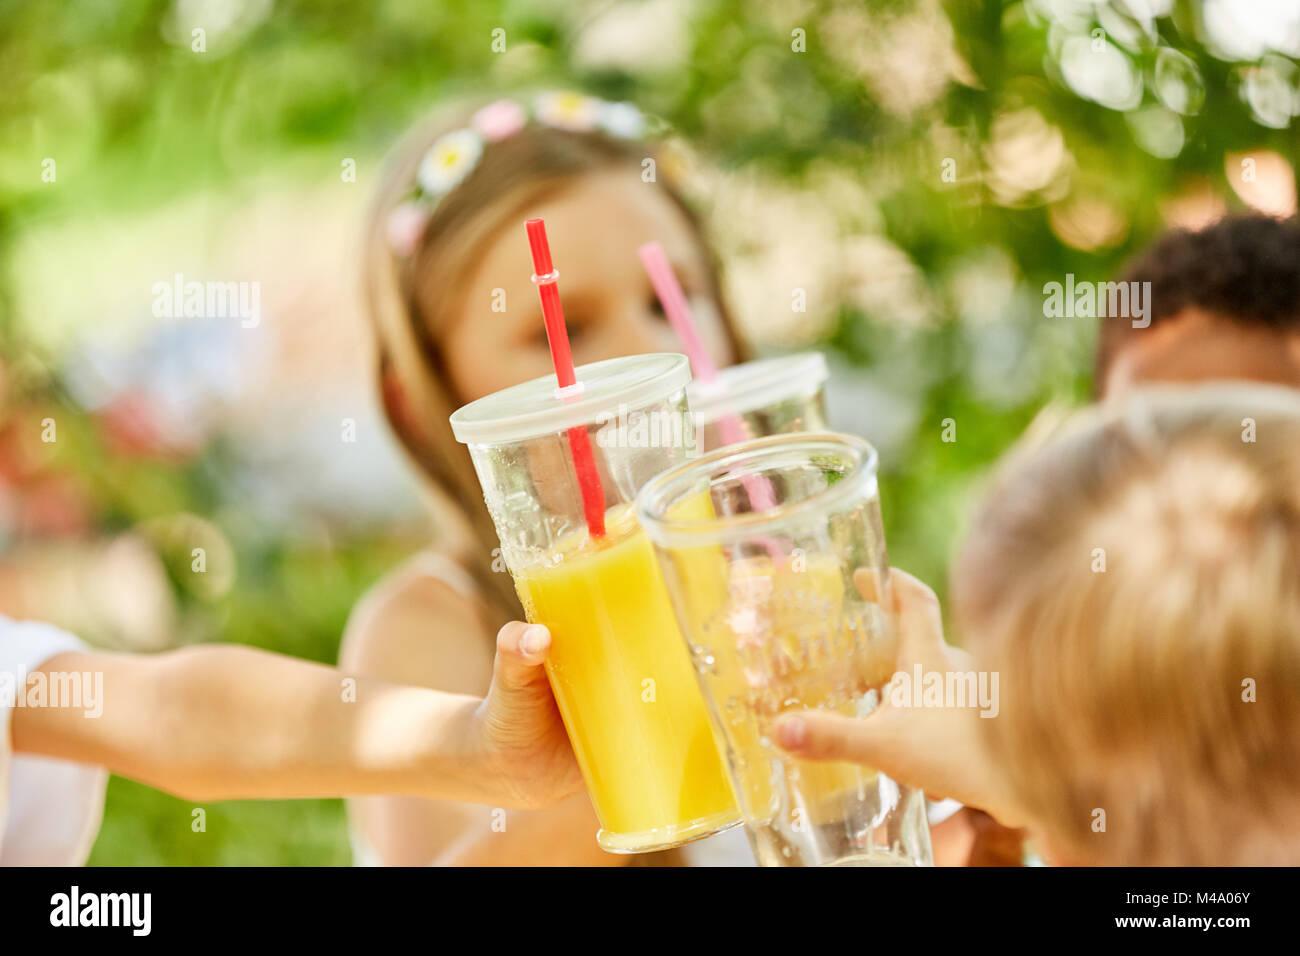 Les enfants font la fête et des toasts avec du jus sur un anniversaire ou une fête pour les enfants Photo Stock